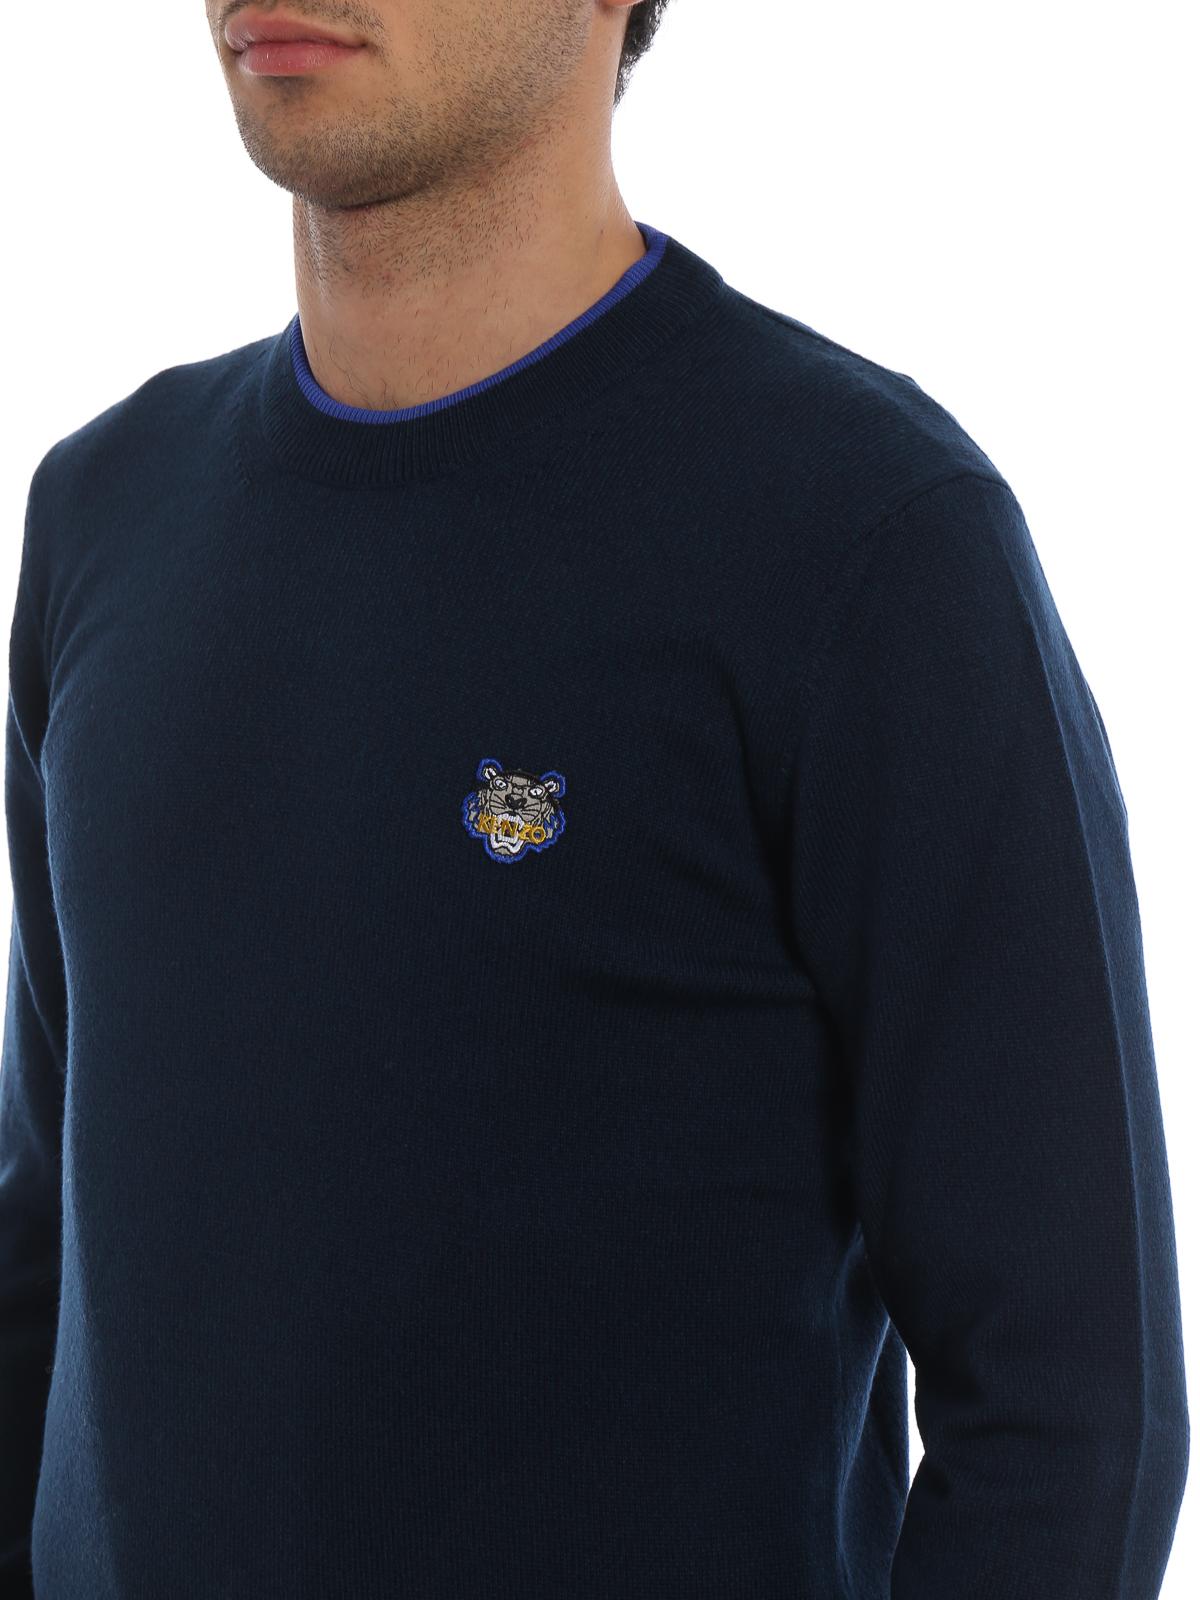 171c7c53 Kenzo - Pull girocollo in lana con bordi a contrasto - maglia collo ...